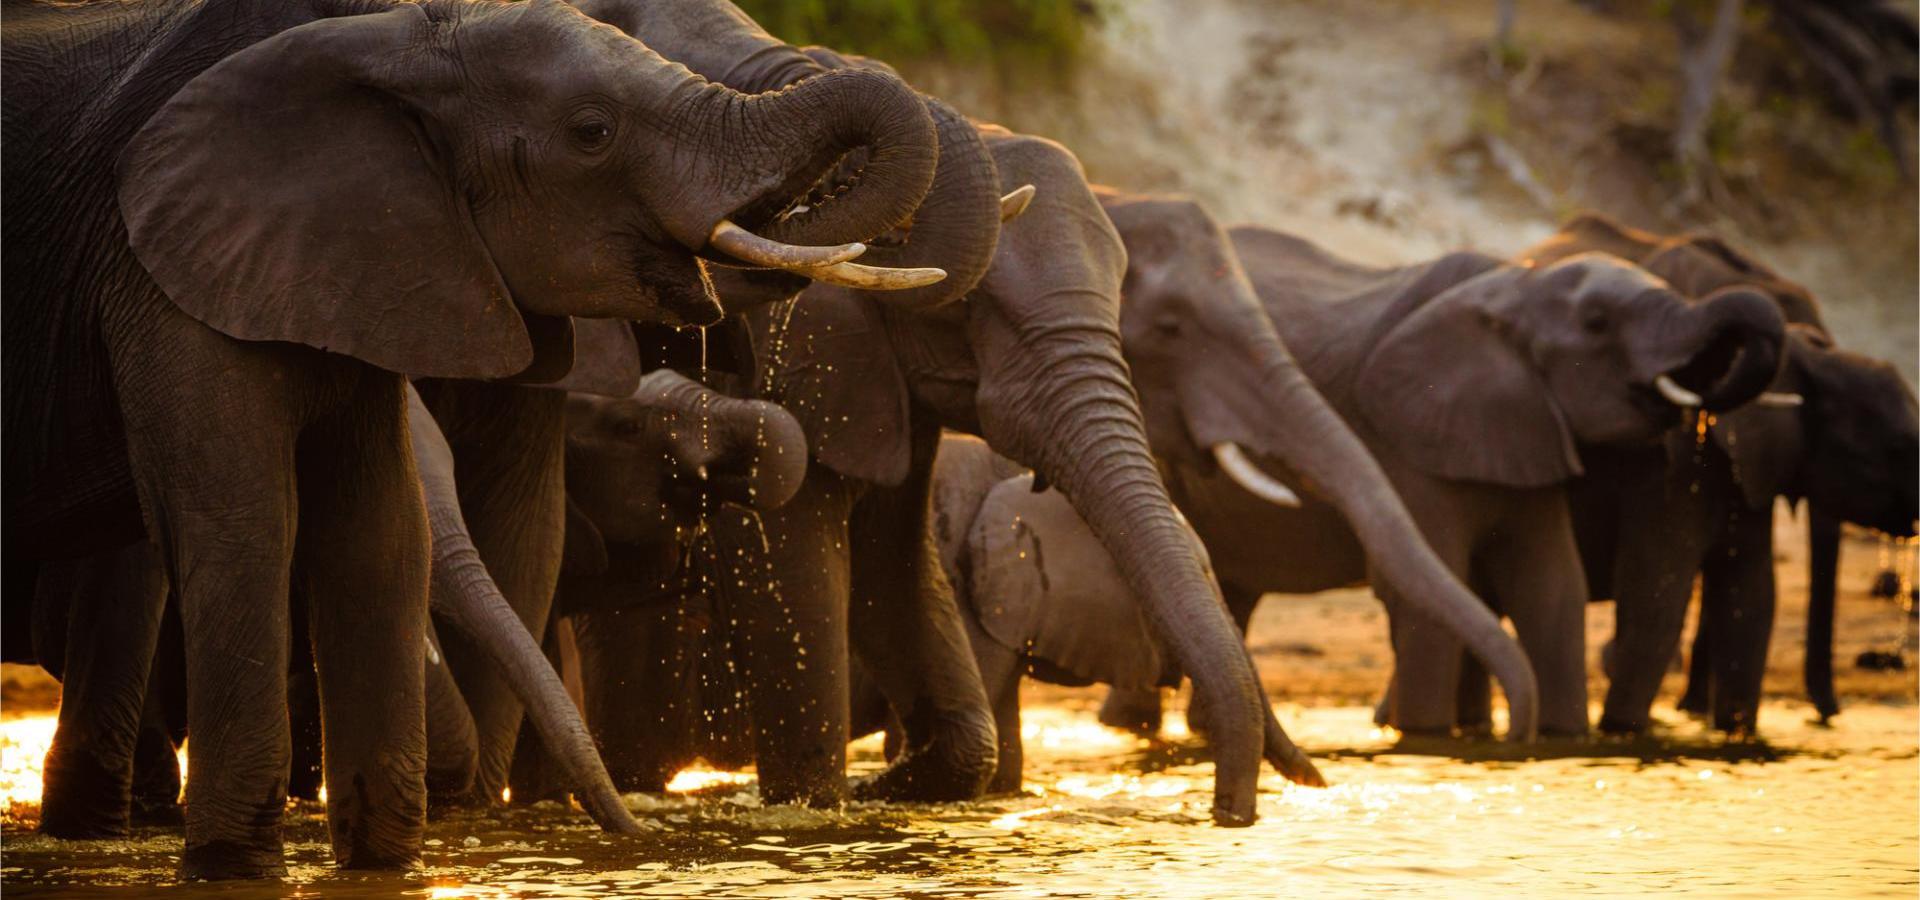 Elefanten im Chobe Nationalpark an einem Wasserloch bei Sonnenuntergang